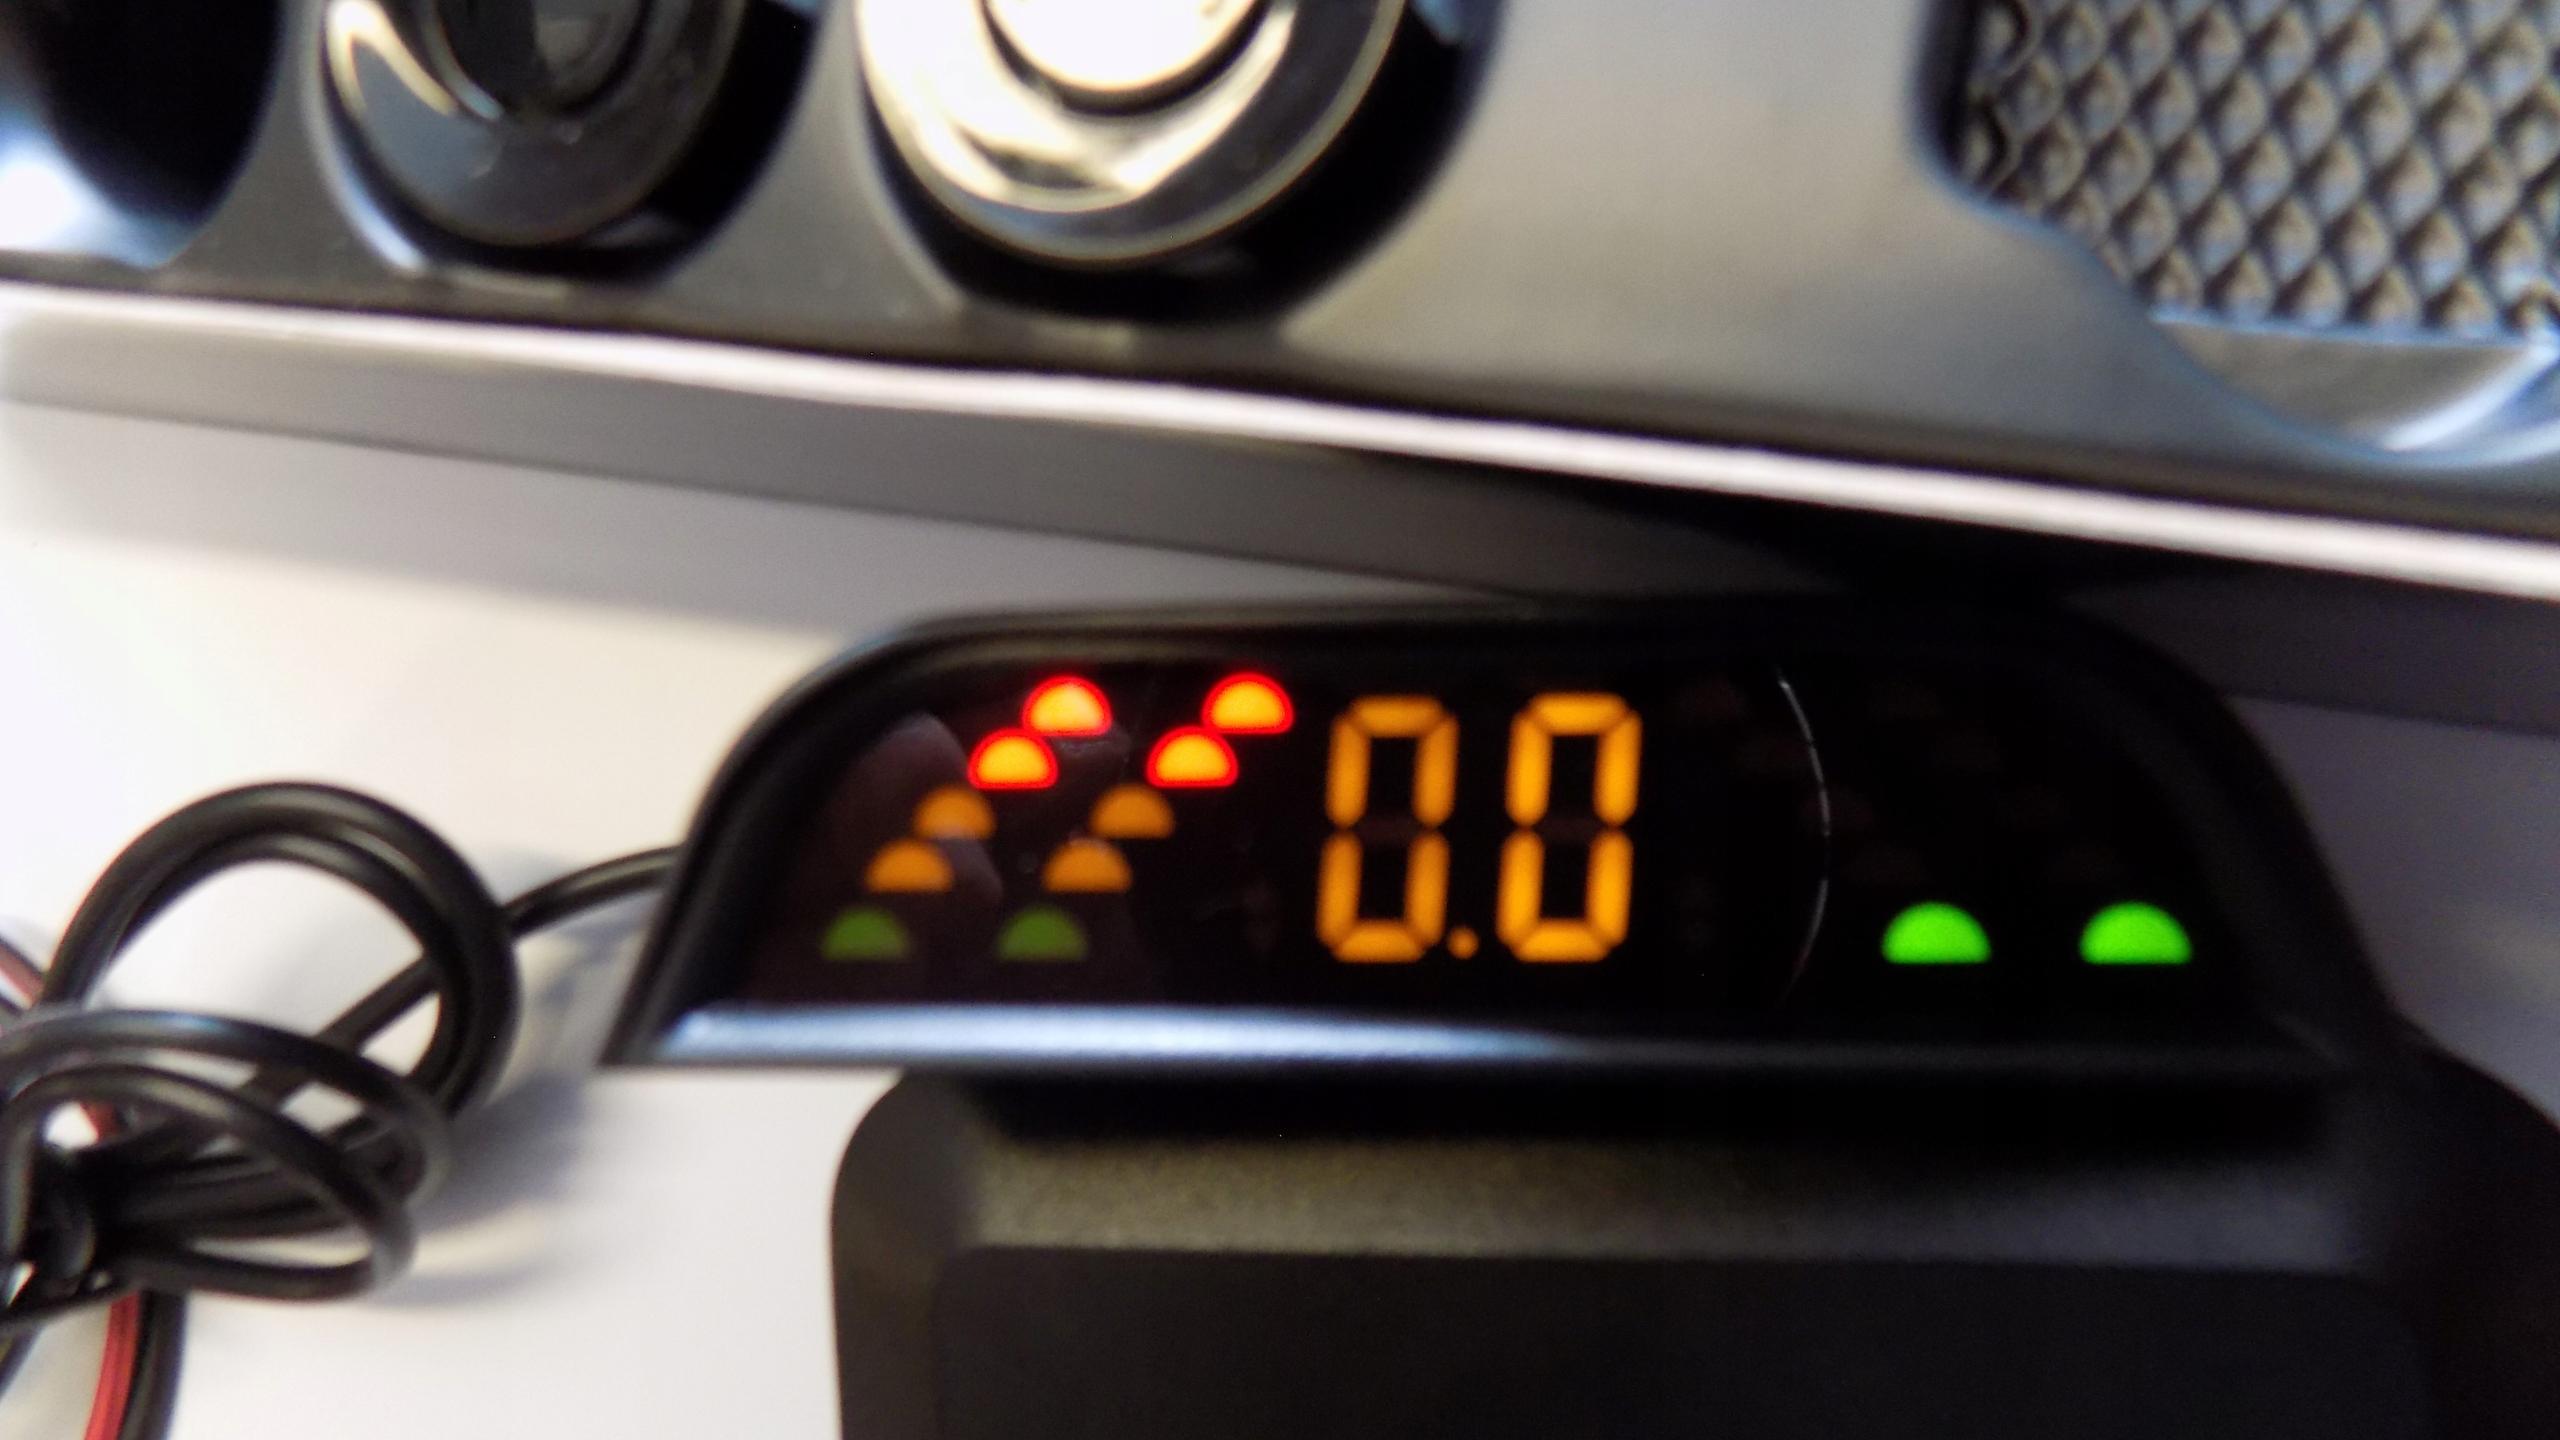 датчик парковки wi-fi жк 4 извещатели